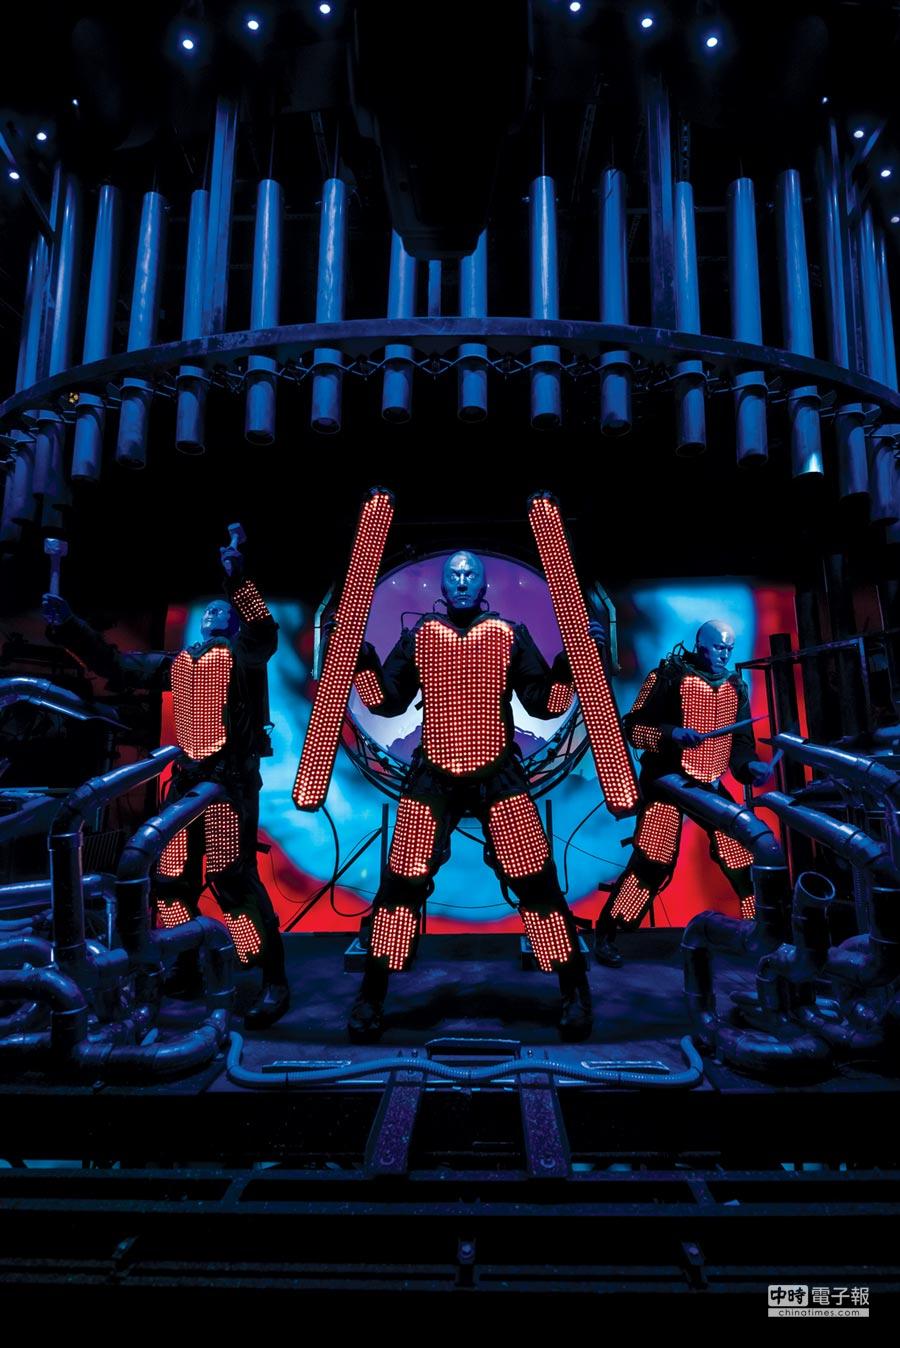 藍人樂團三個人全身塗滿藍色油漆,搭配肢體與燈光音效呈現科技感十足的表演。